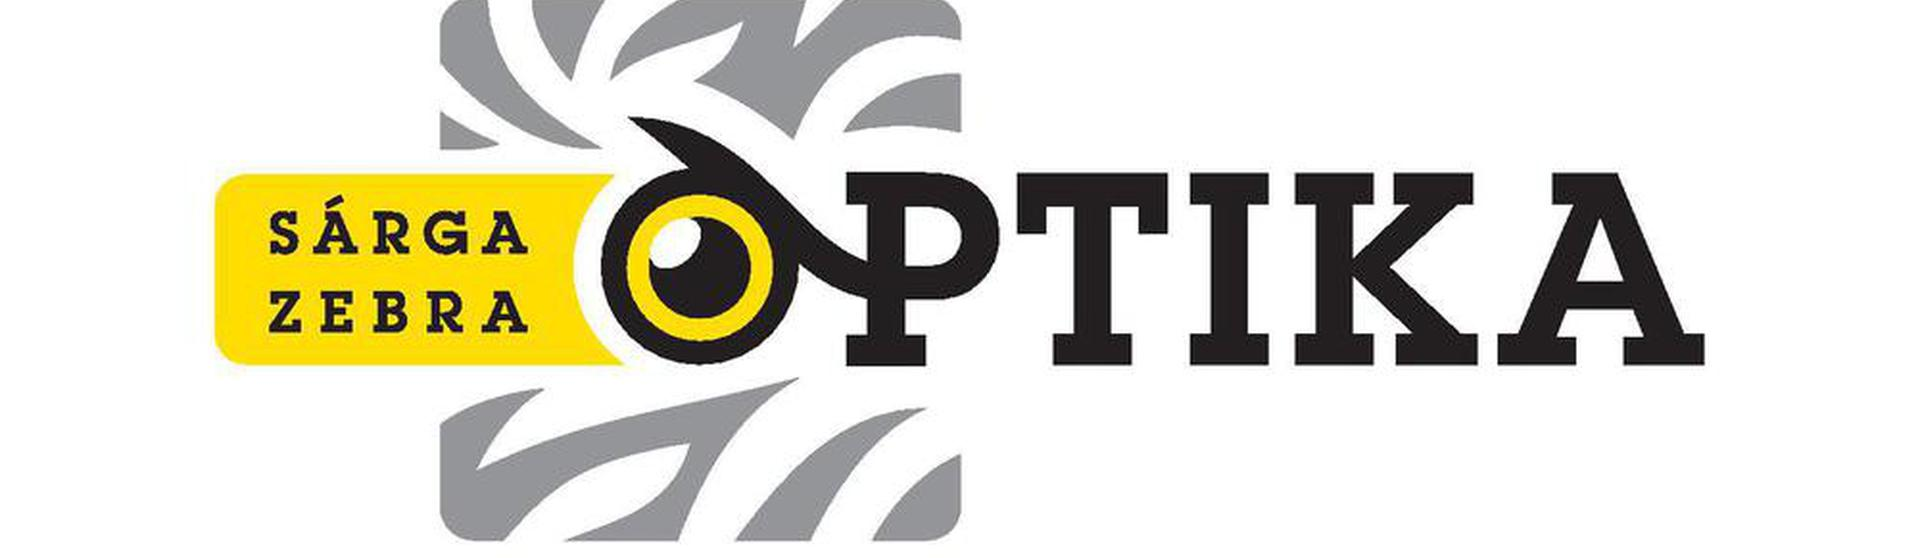 Sárga Zebra Optika - Termékek - Szolgáltatások - Kontaktlencse és ápolószer 754bc57fec